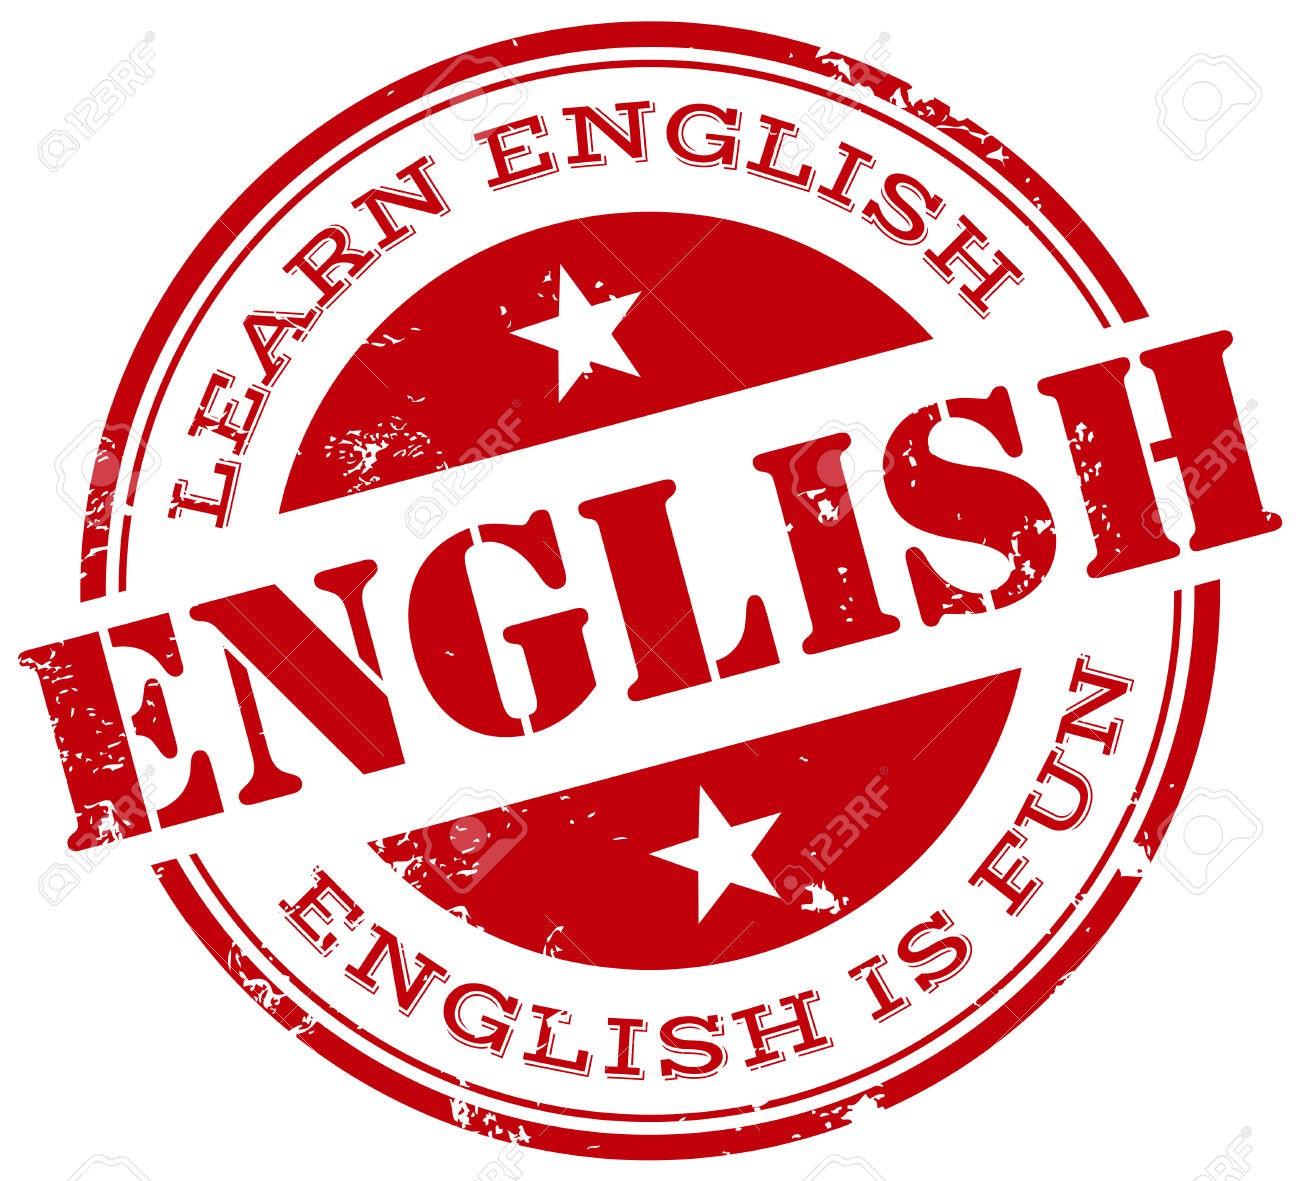 Quelques mots en anglais